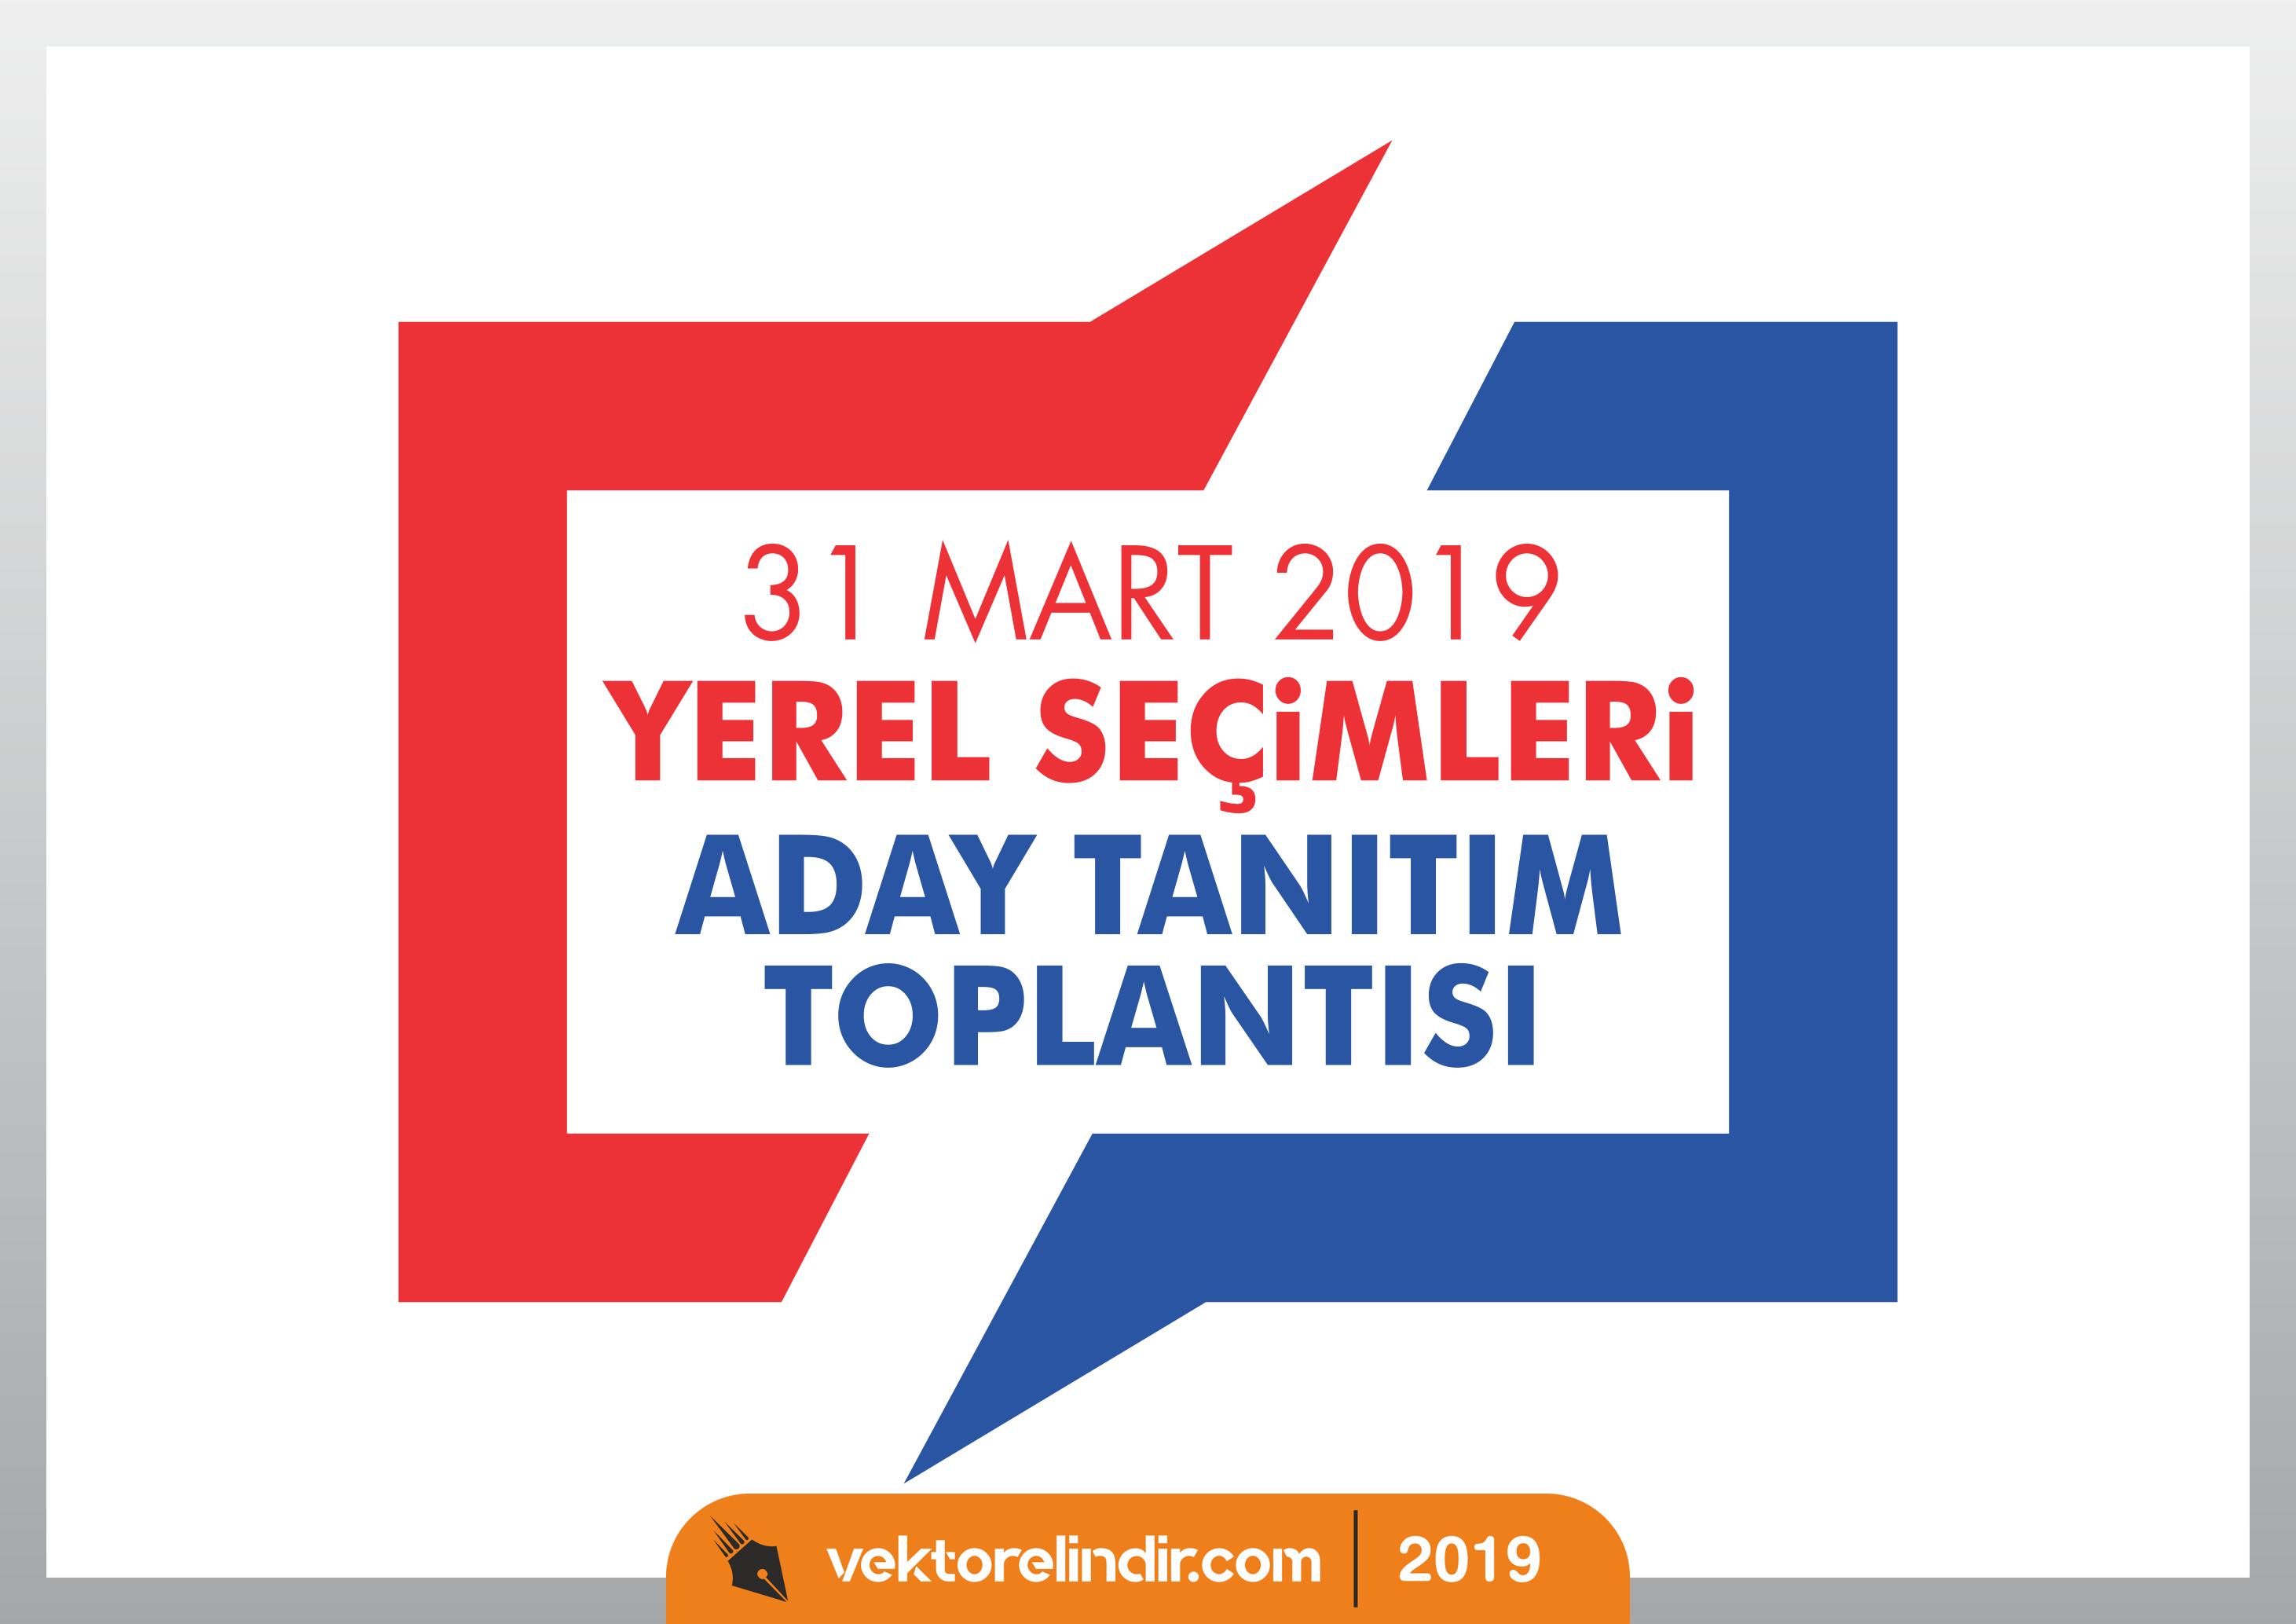 31 Mart 2019 Yerel Seçimleri Aday Tanıtım Toplantısı Vektör